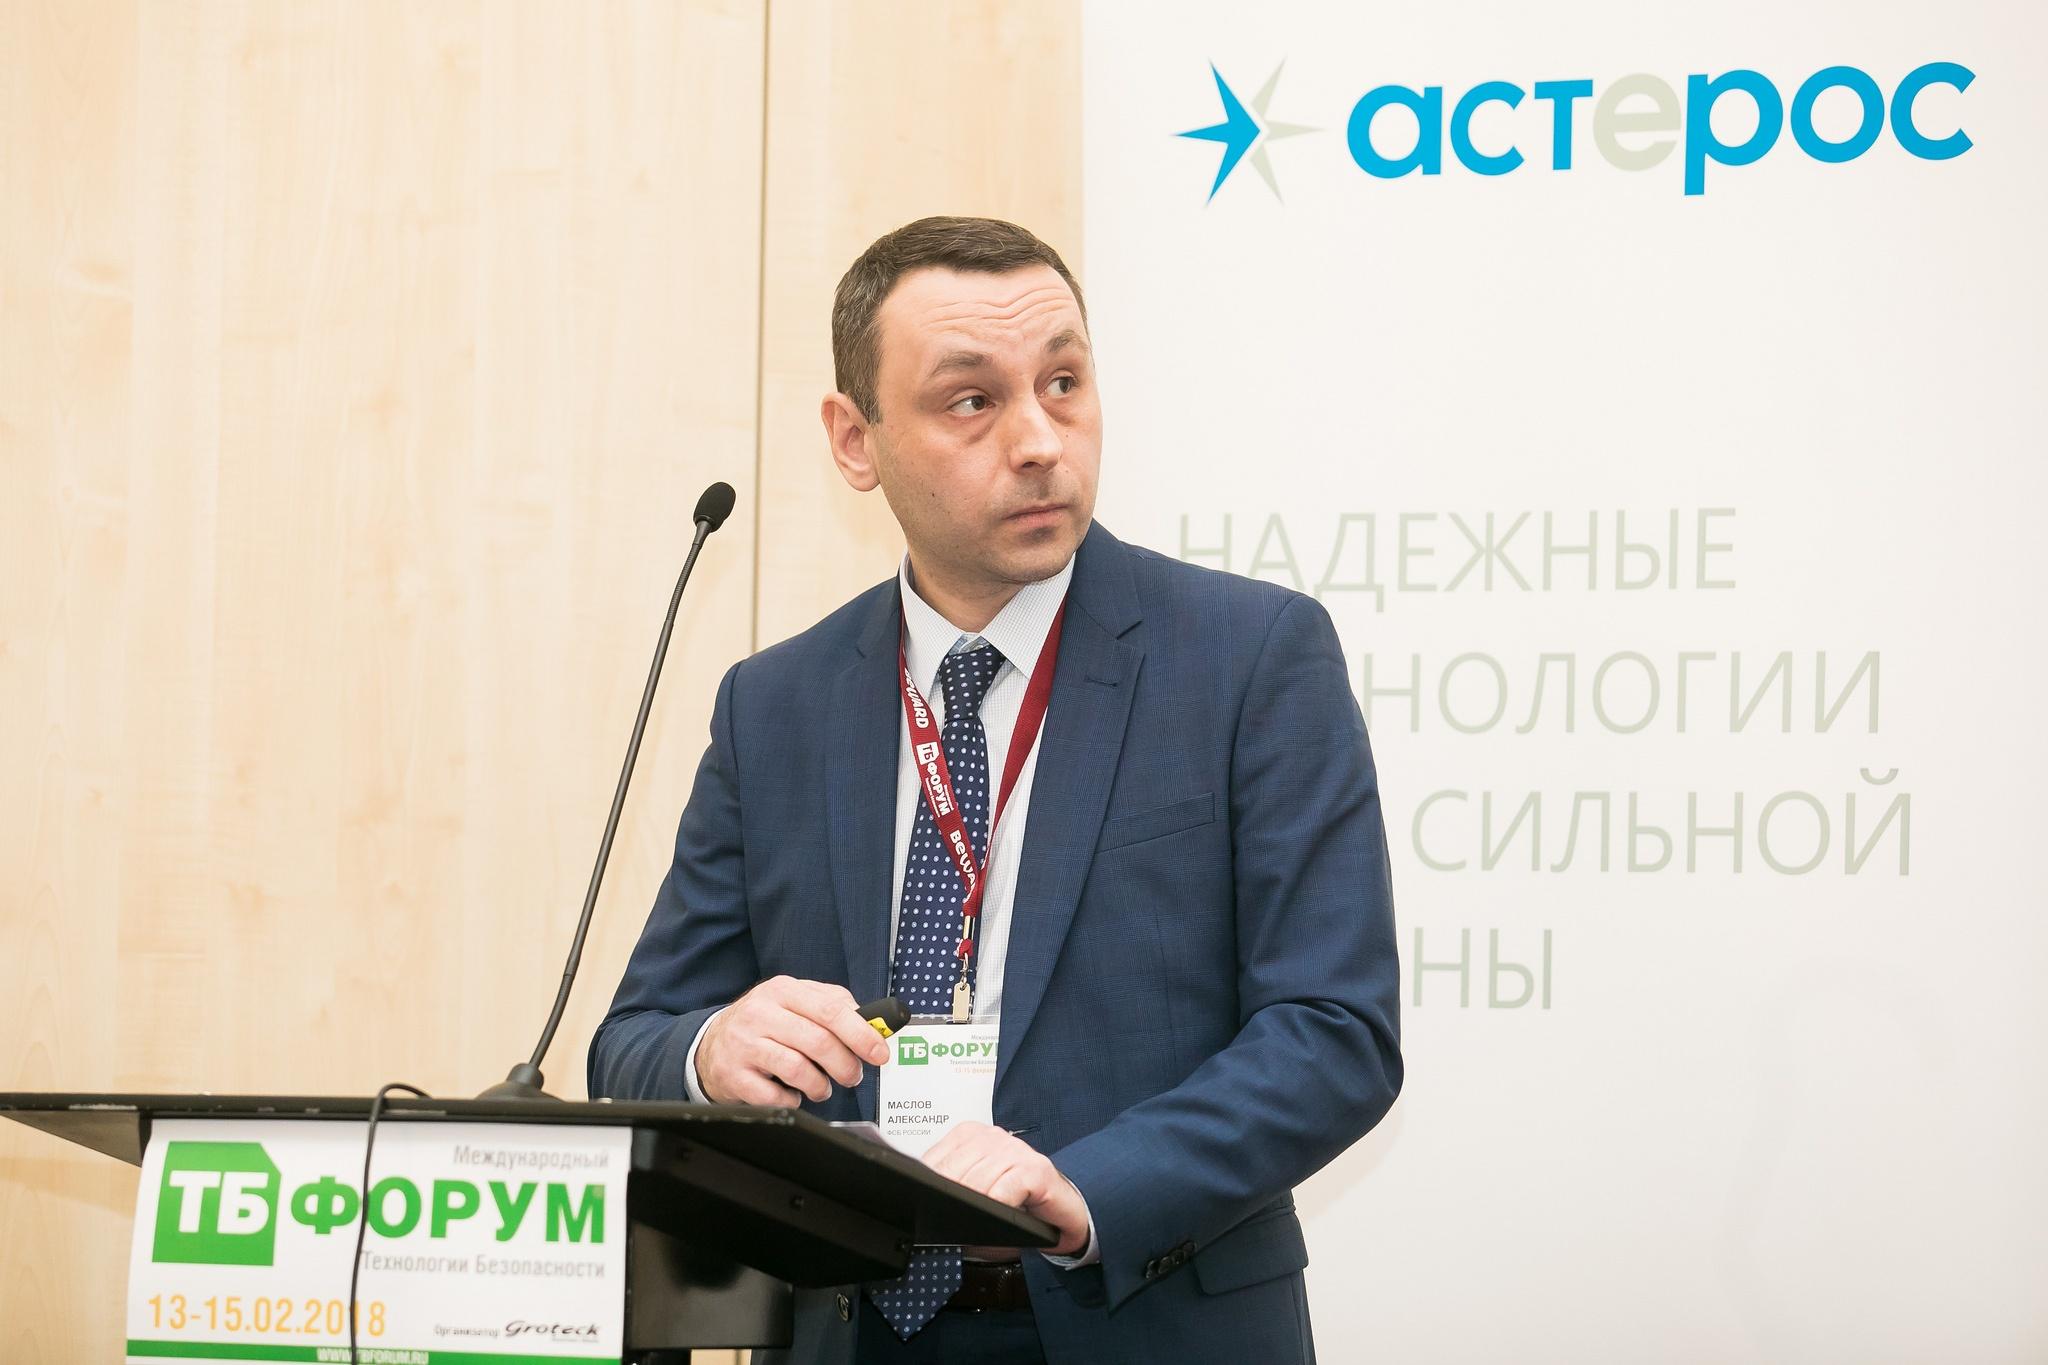 ФСБ пояснила требования к системе контроля доступа на спортивные объекты в рамках ЧМ 2018